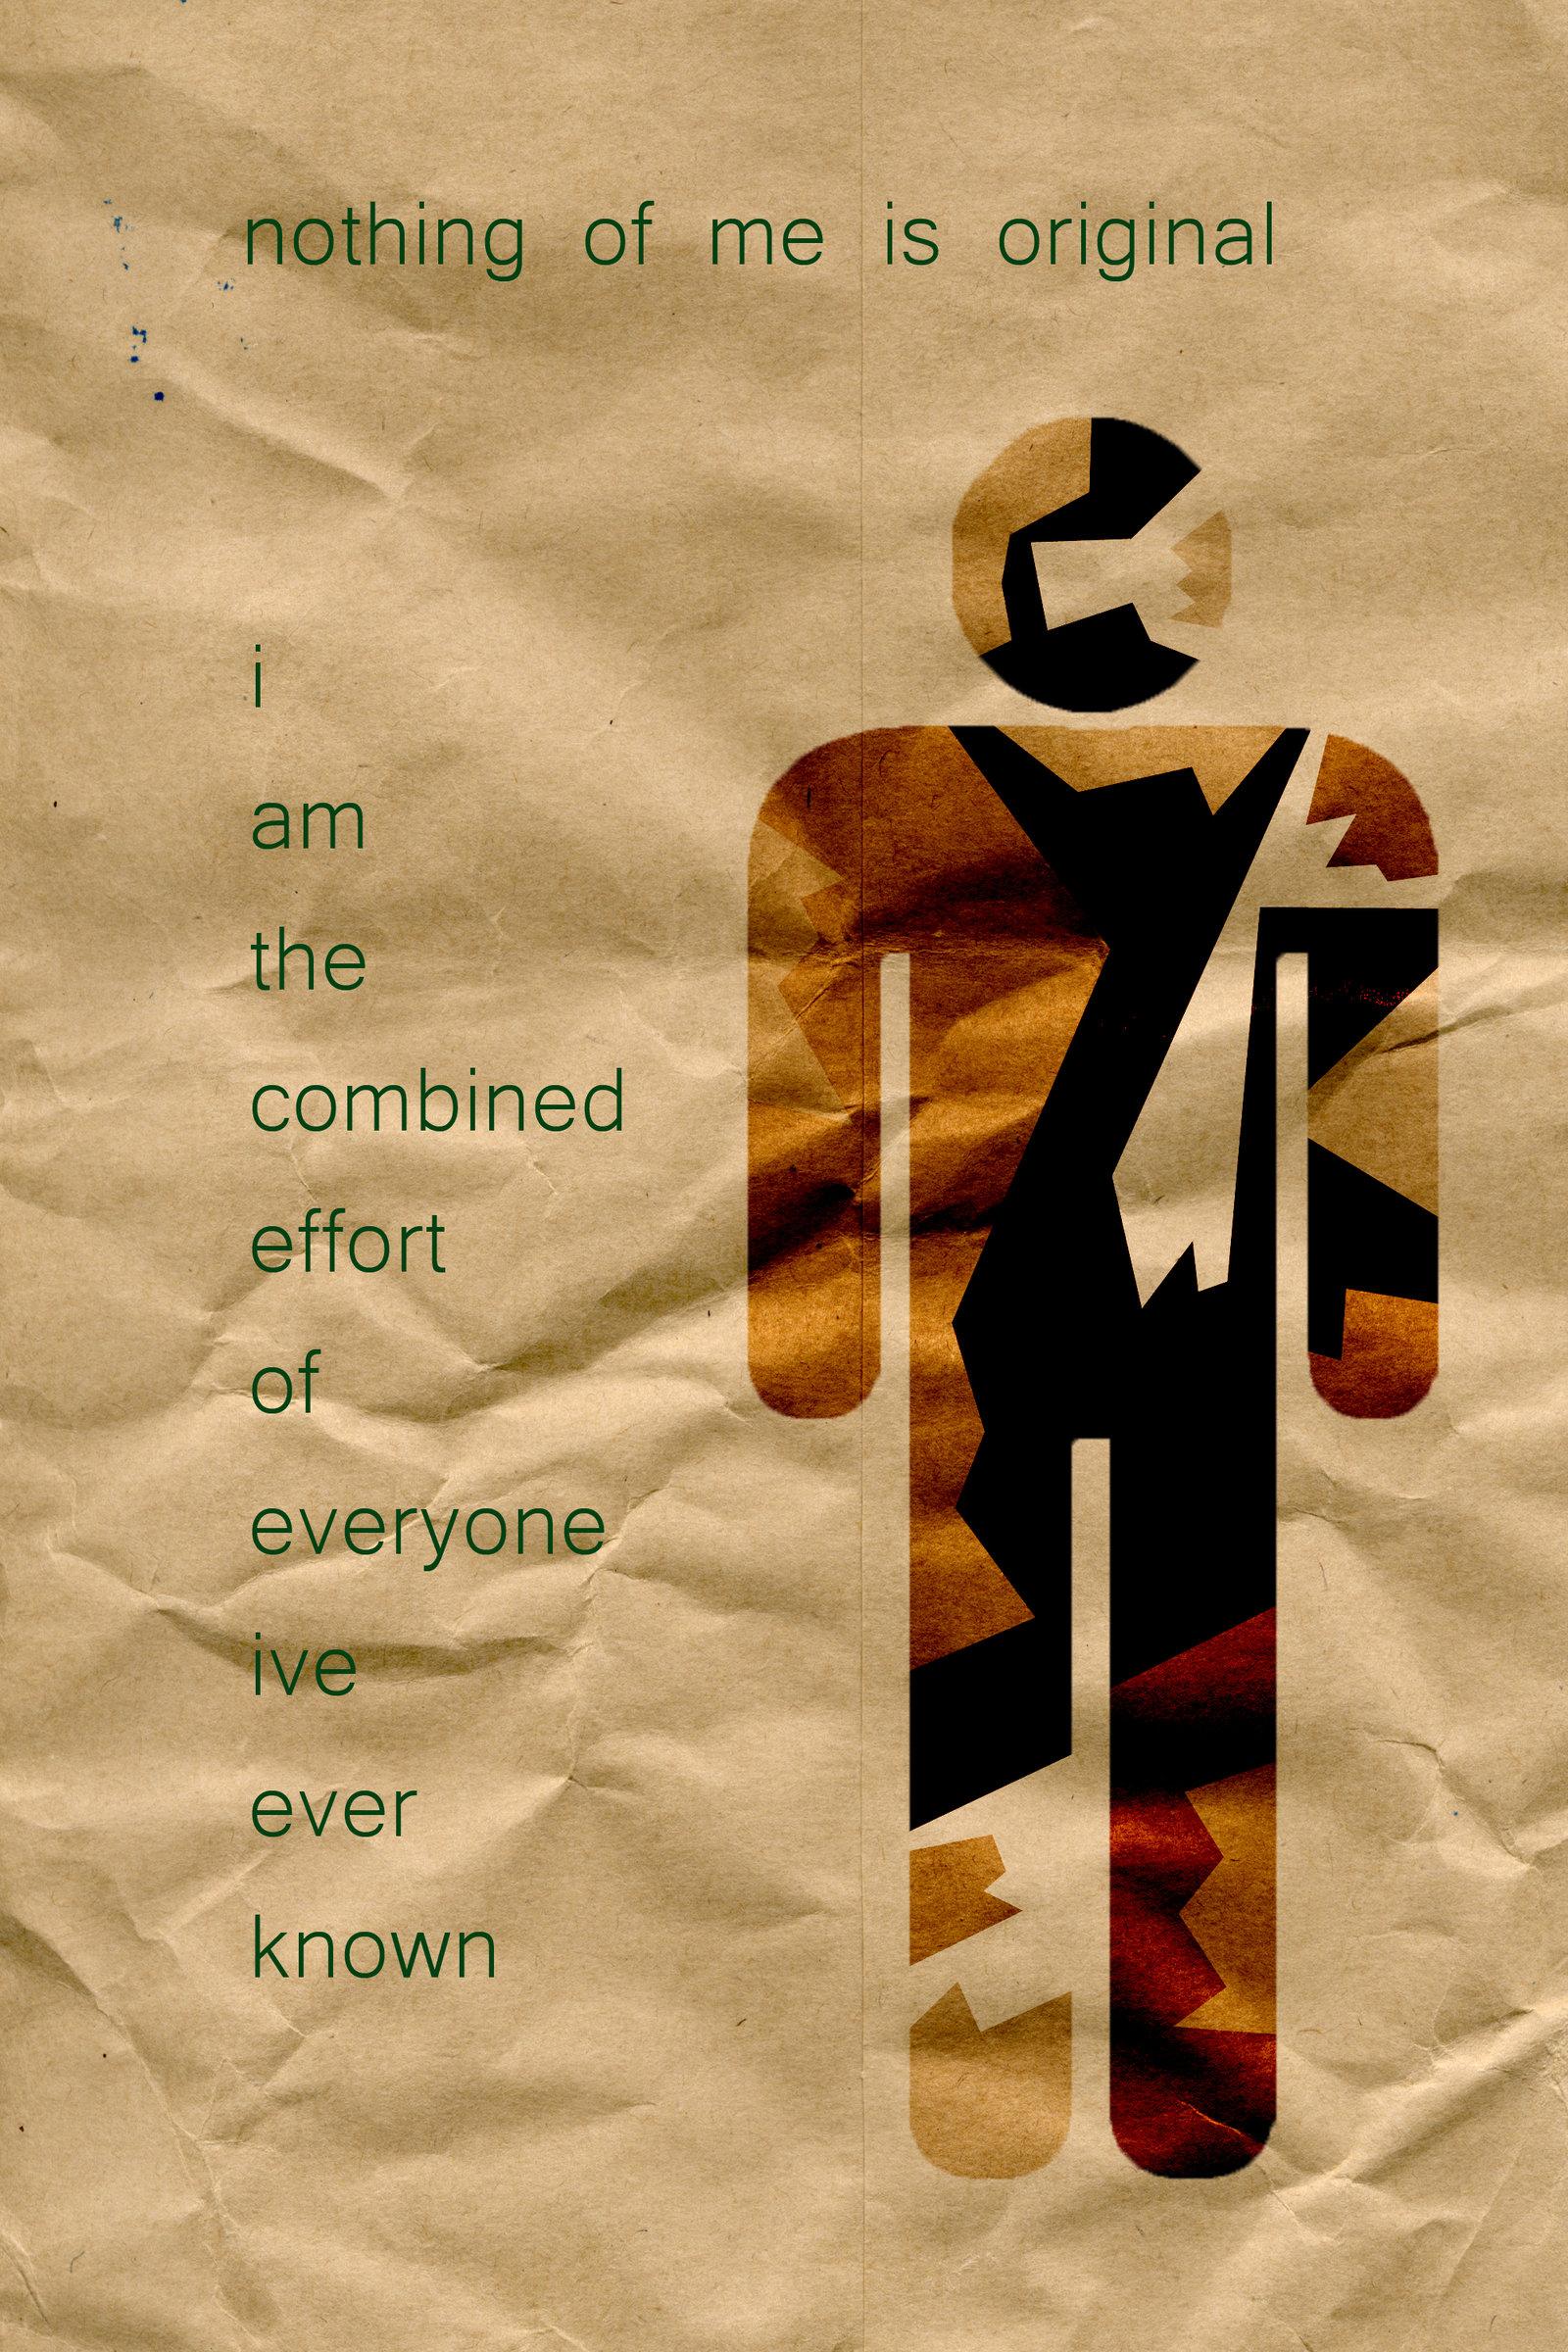 Chuck Palahniuk Quotes 8   2560 X 1440   Inspirational e quotescom 1600x2400